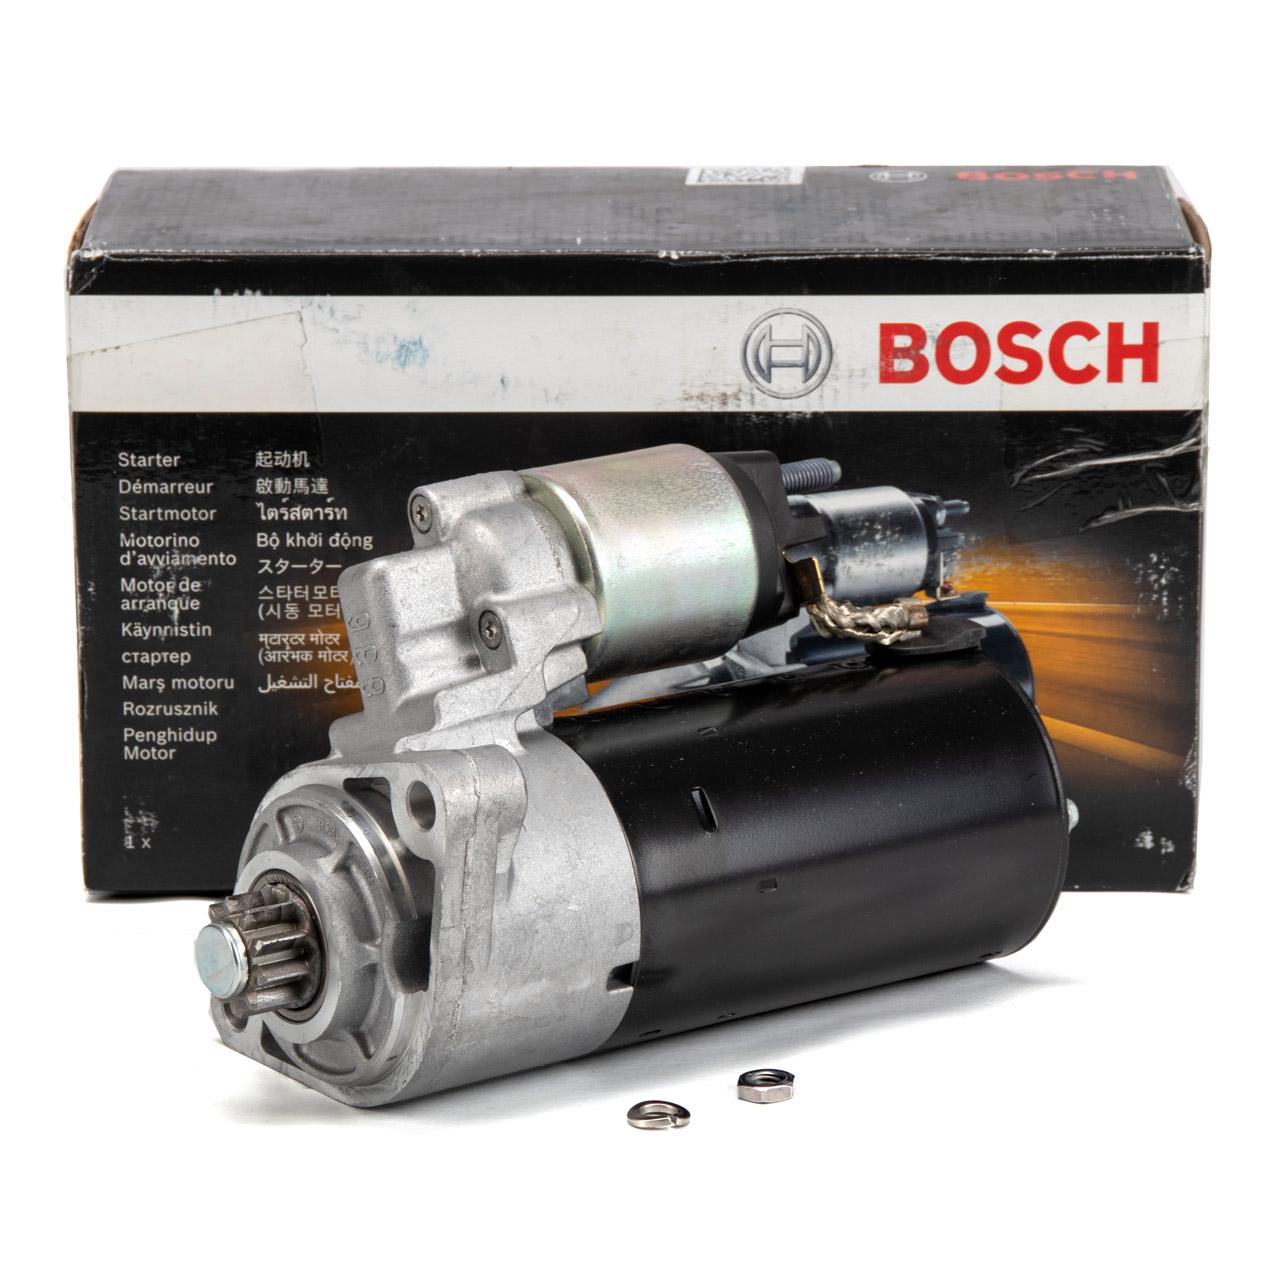 BOSCH 0001125059 Anlasser 12V 2.0 kW für PORSCHE CAYENNE (9PA) S / GTS / Turbo S